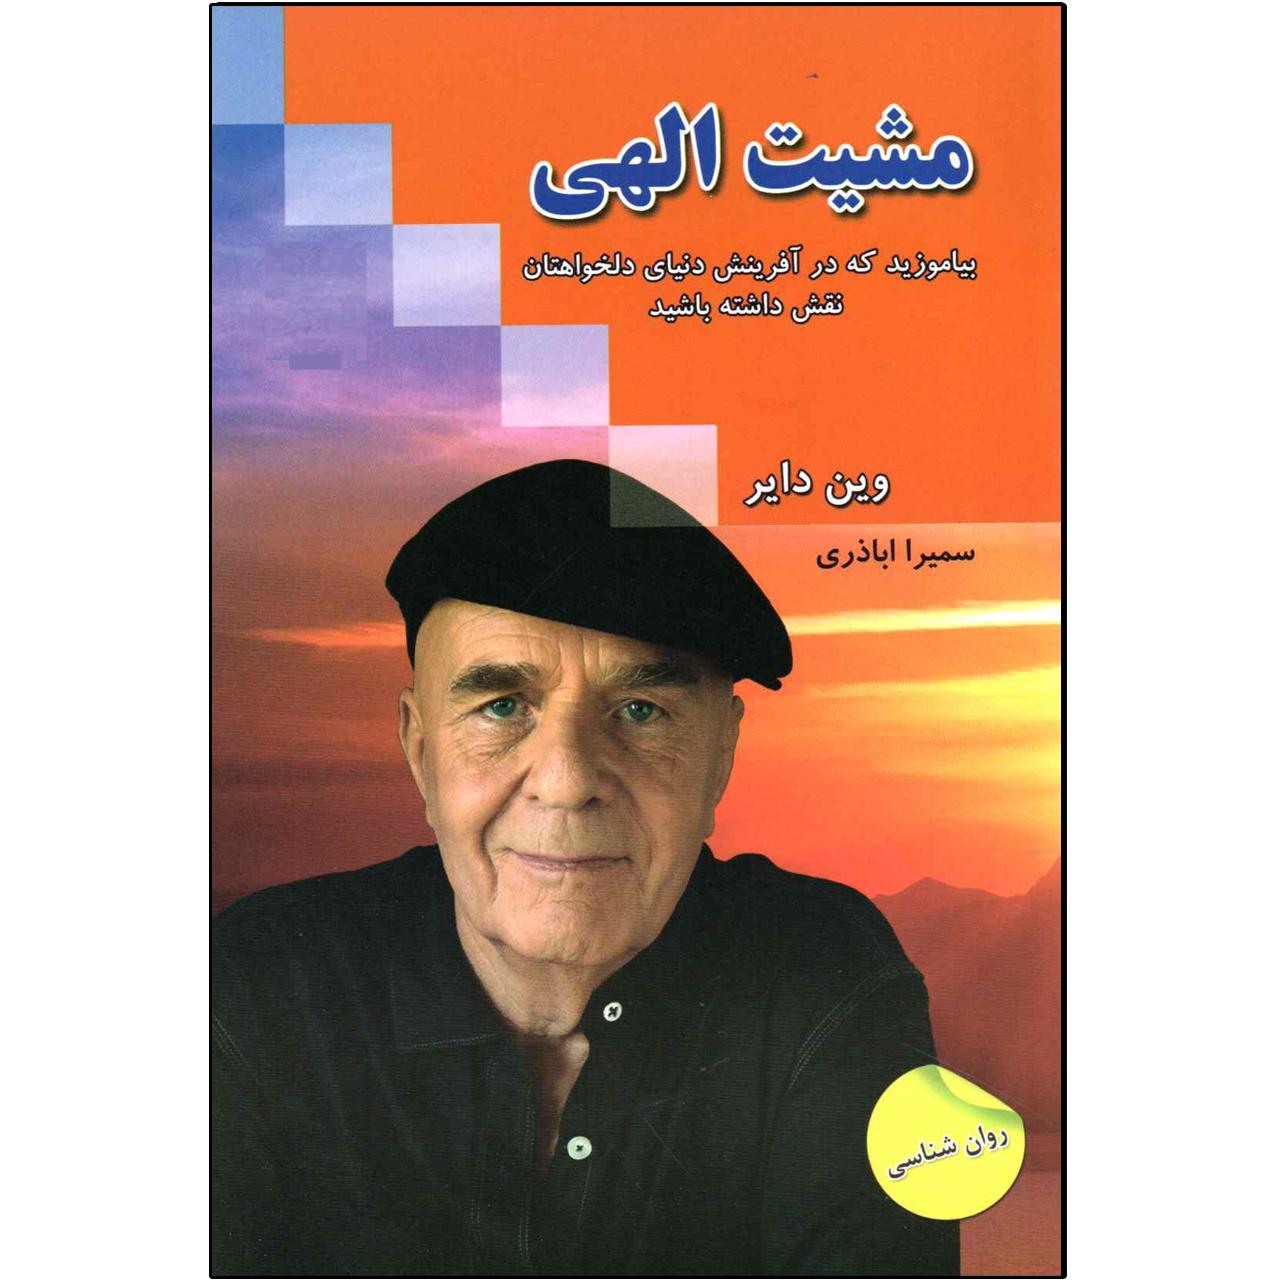 خرید                      کتاب مشیت الهی اثر وین دایر انتشارات ندای معاصر